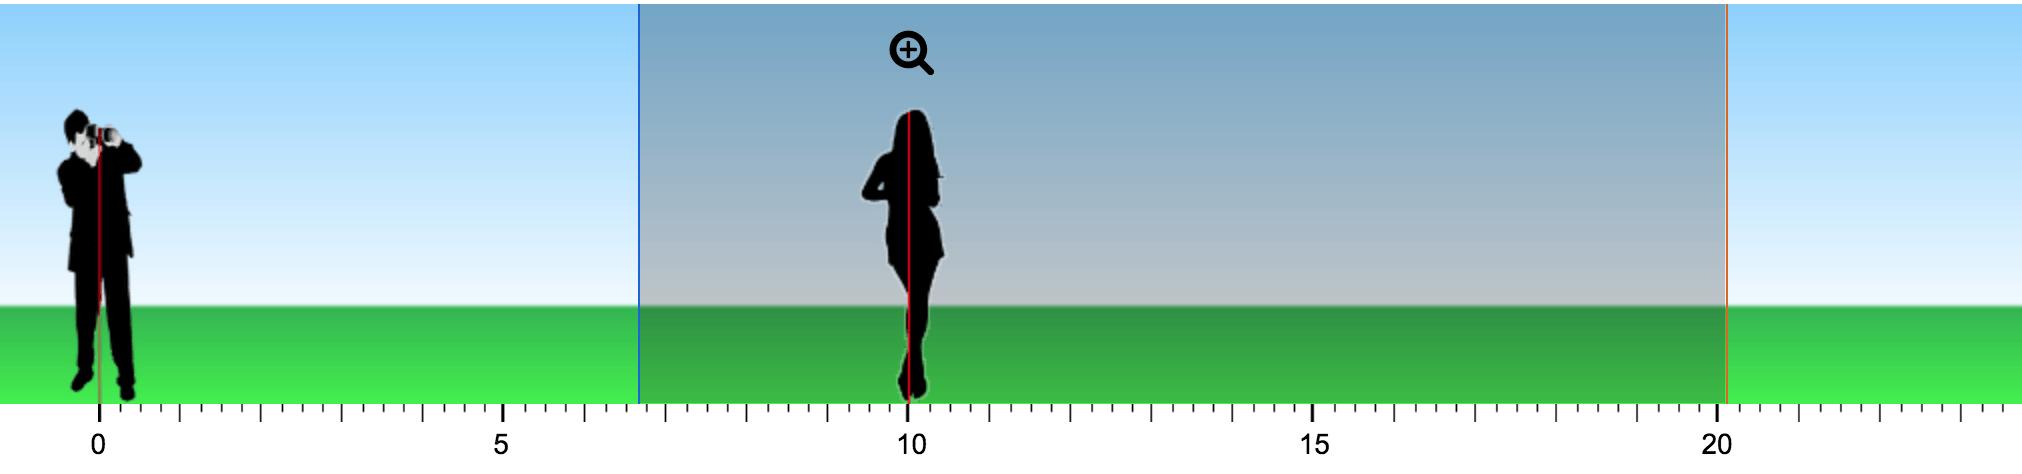 ilustración sujeto a 10 metros